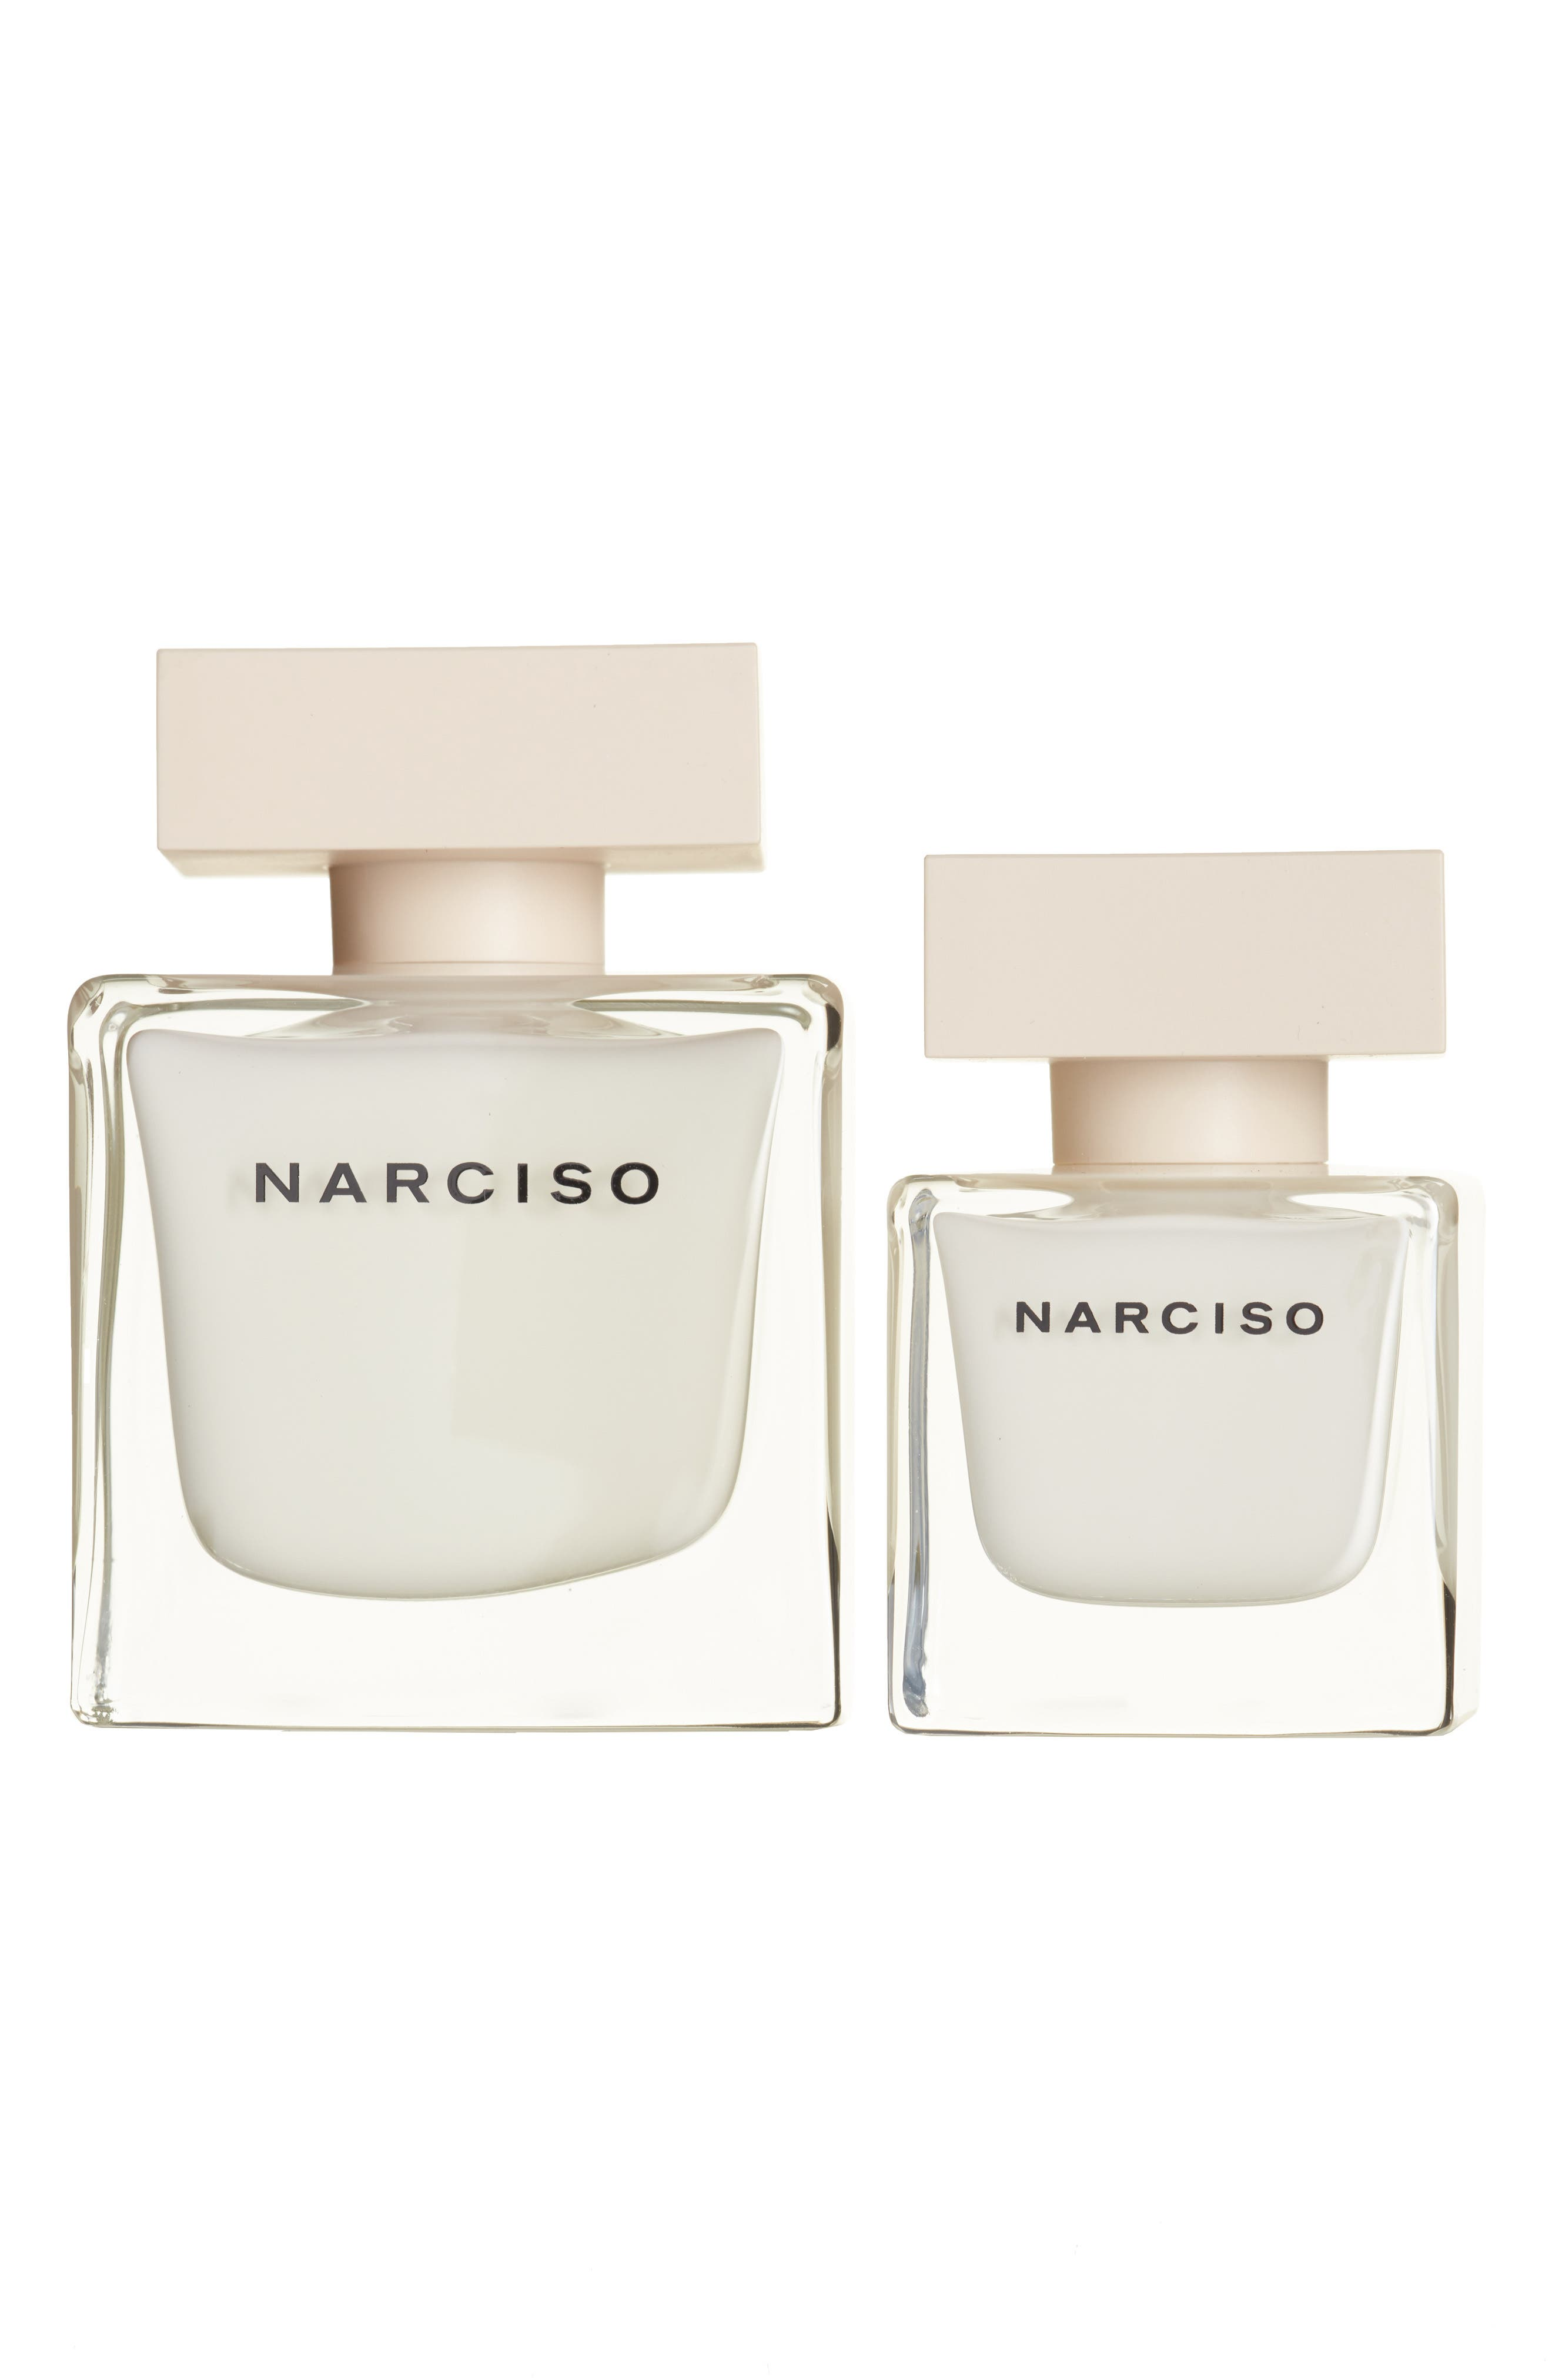 Narciso Rodrigeuz Narciso Eau de Parfum Set ($177 Value)